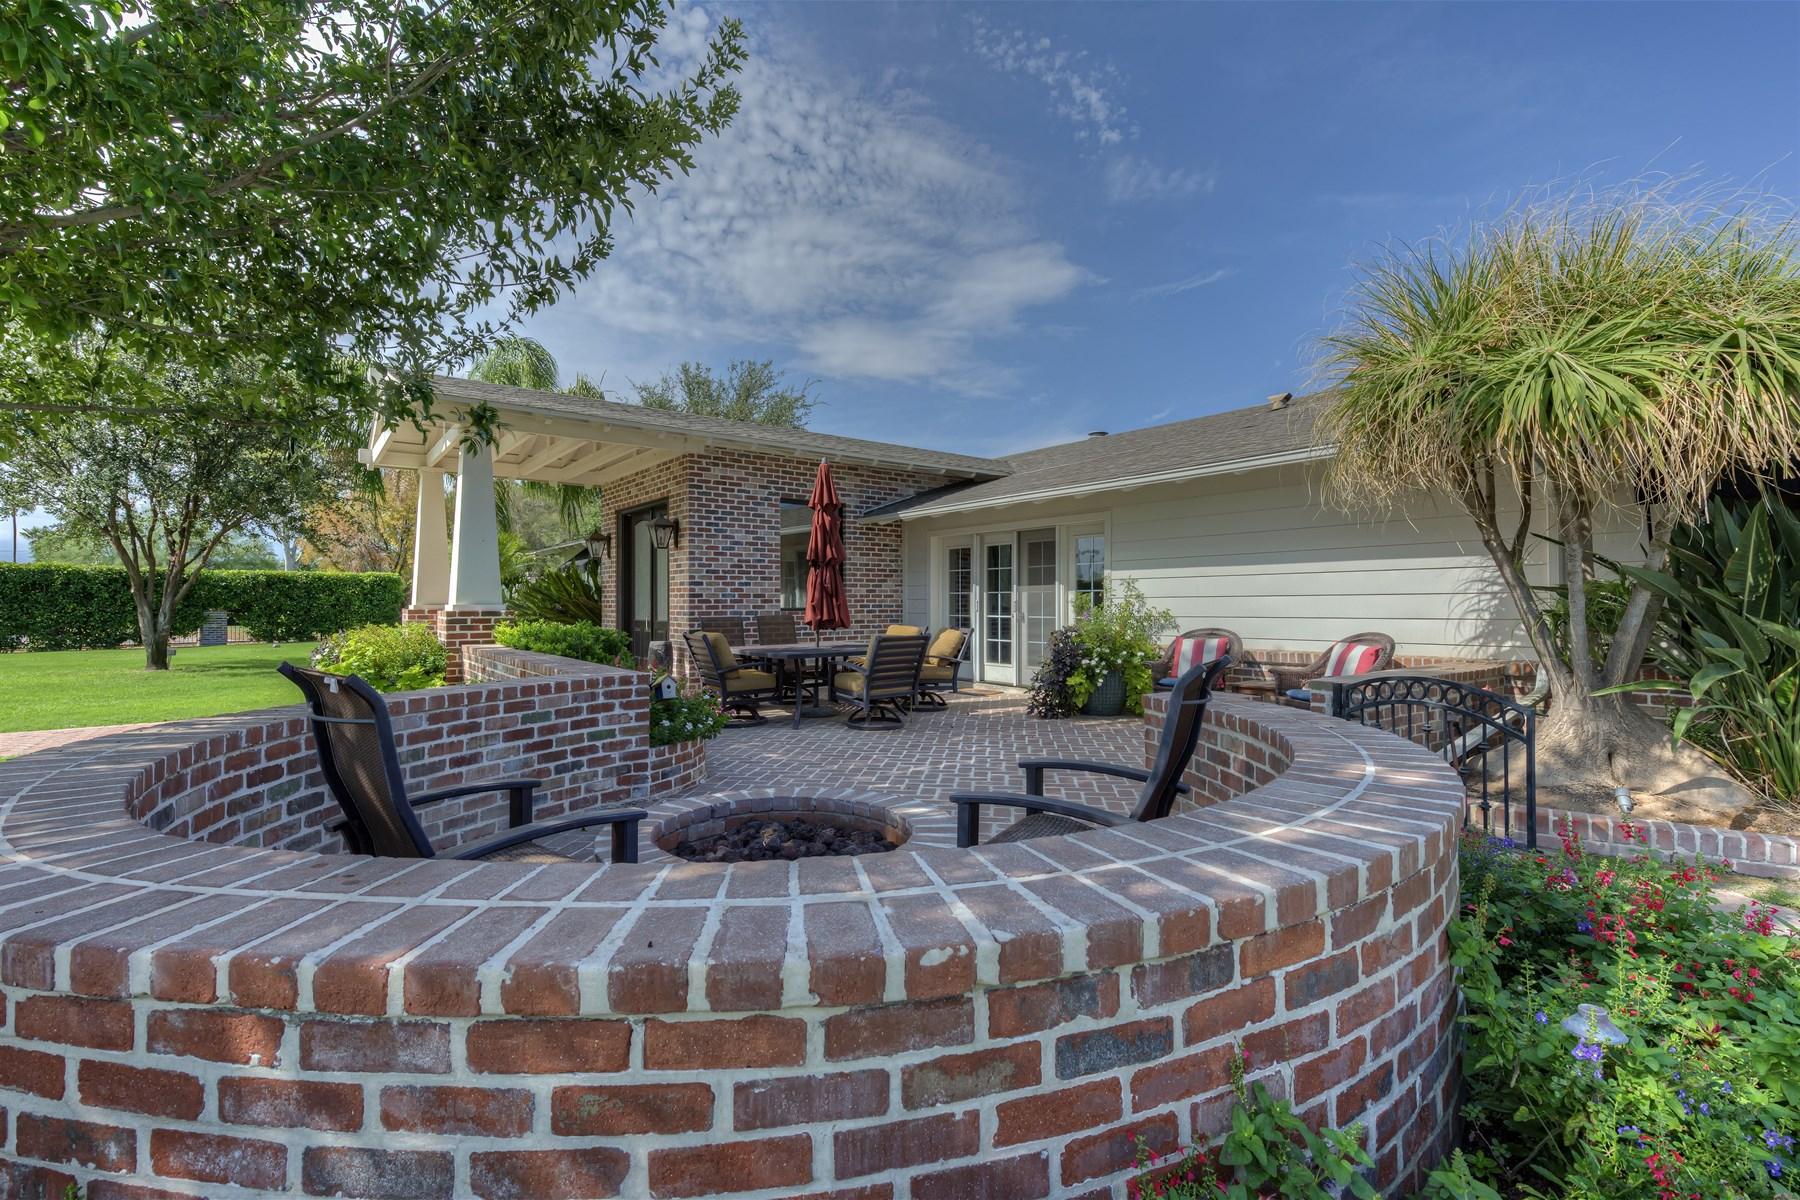 一戸建て のために 売買 アット Wonderful family home is located in the heart of true Arcadia 4102 N 65th St Scottsdale, アリゾナ, 85251 アメリカ合衆国